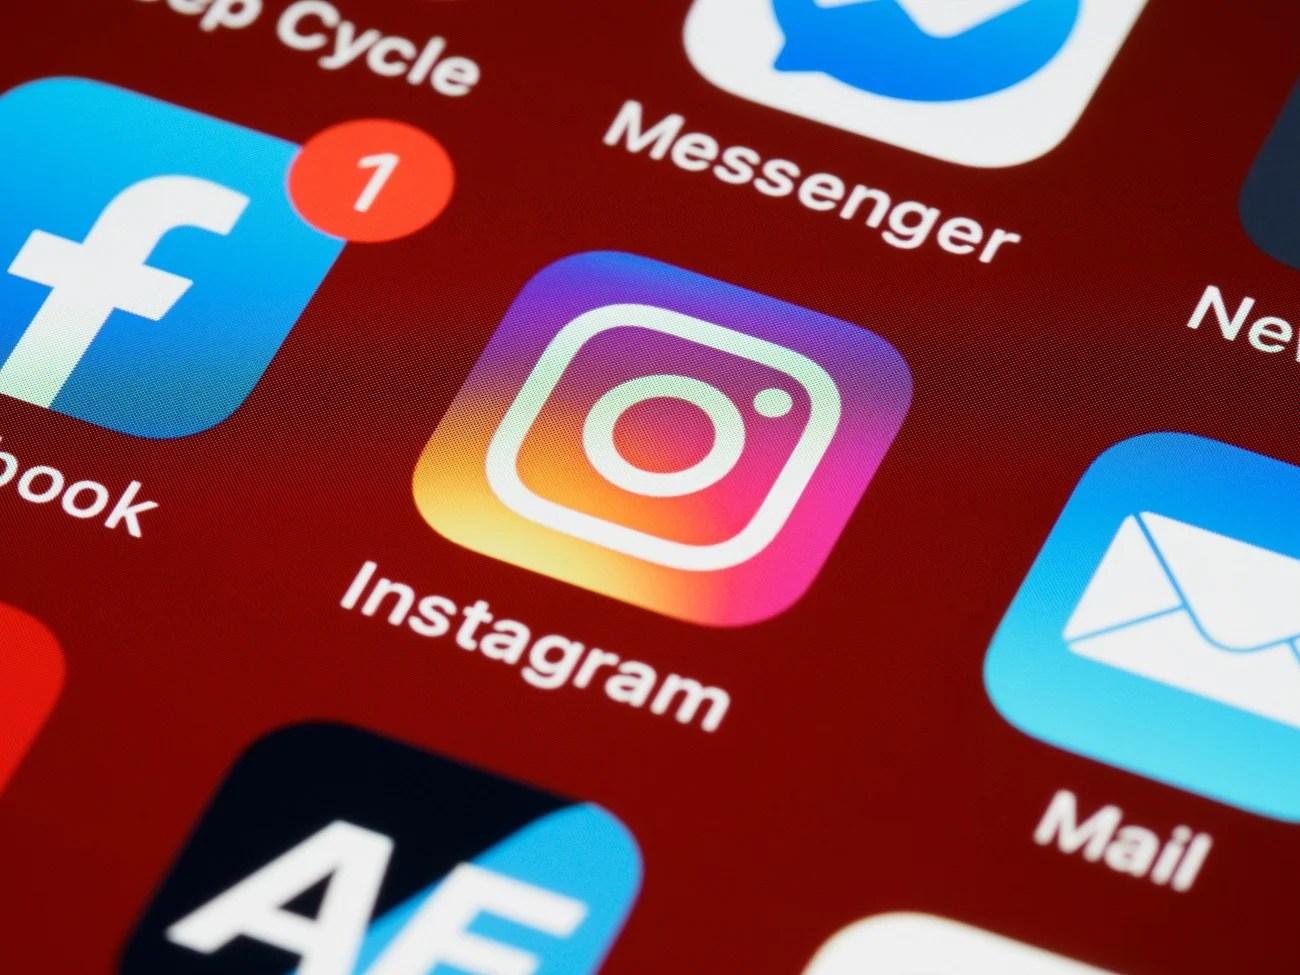 Instagram : les utilisateurs harcelés pourront verrouiller leur compte temporairement